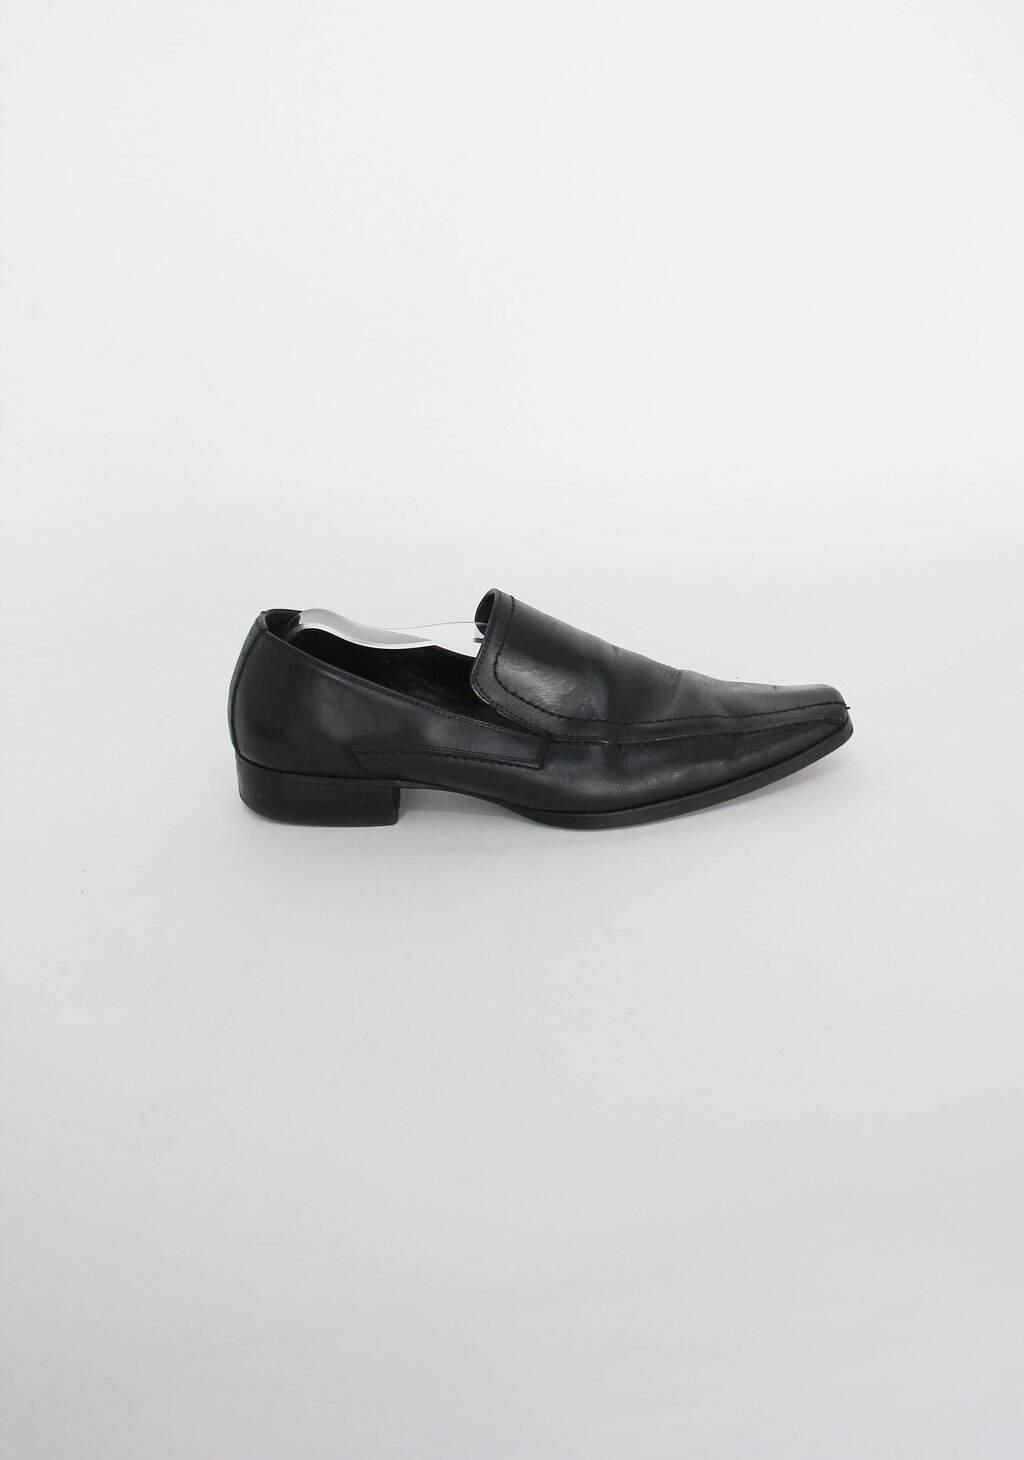 Sapato clica light masculino preto